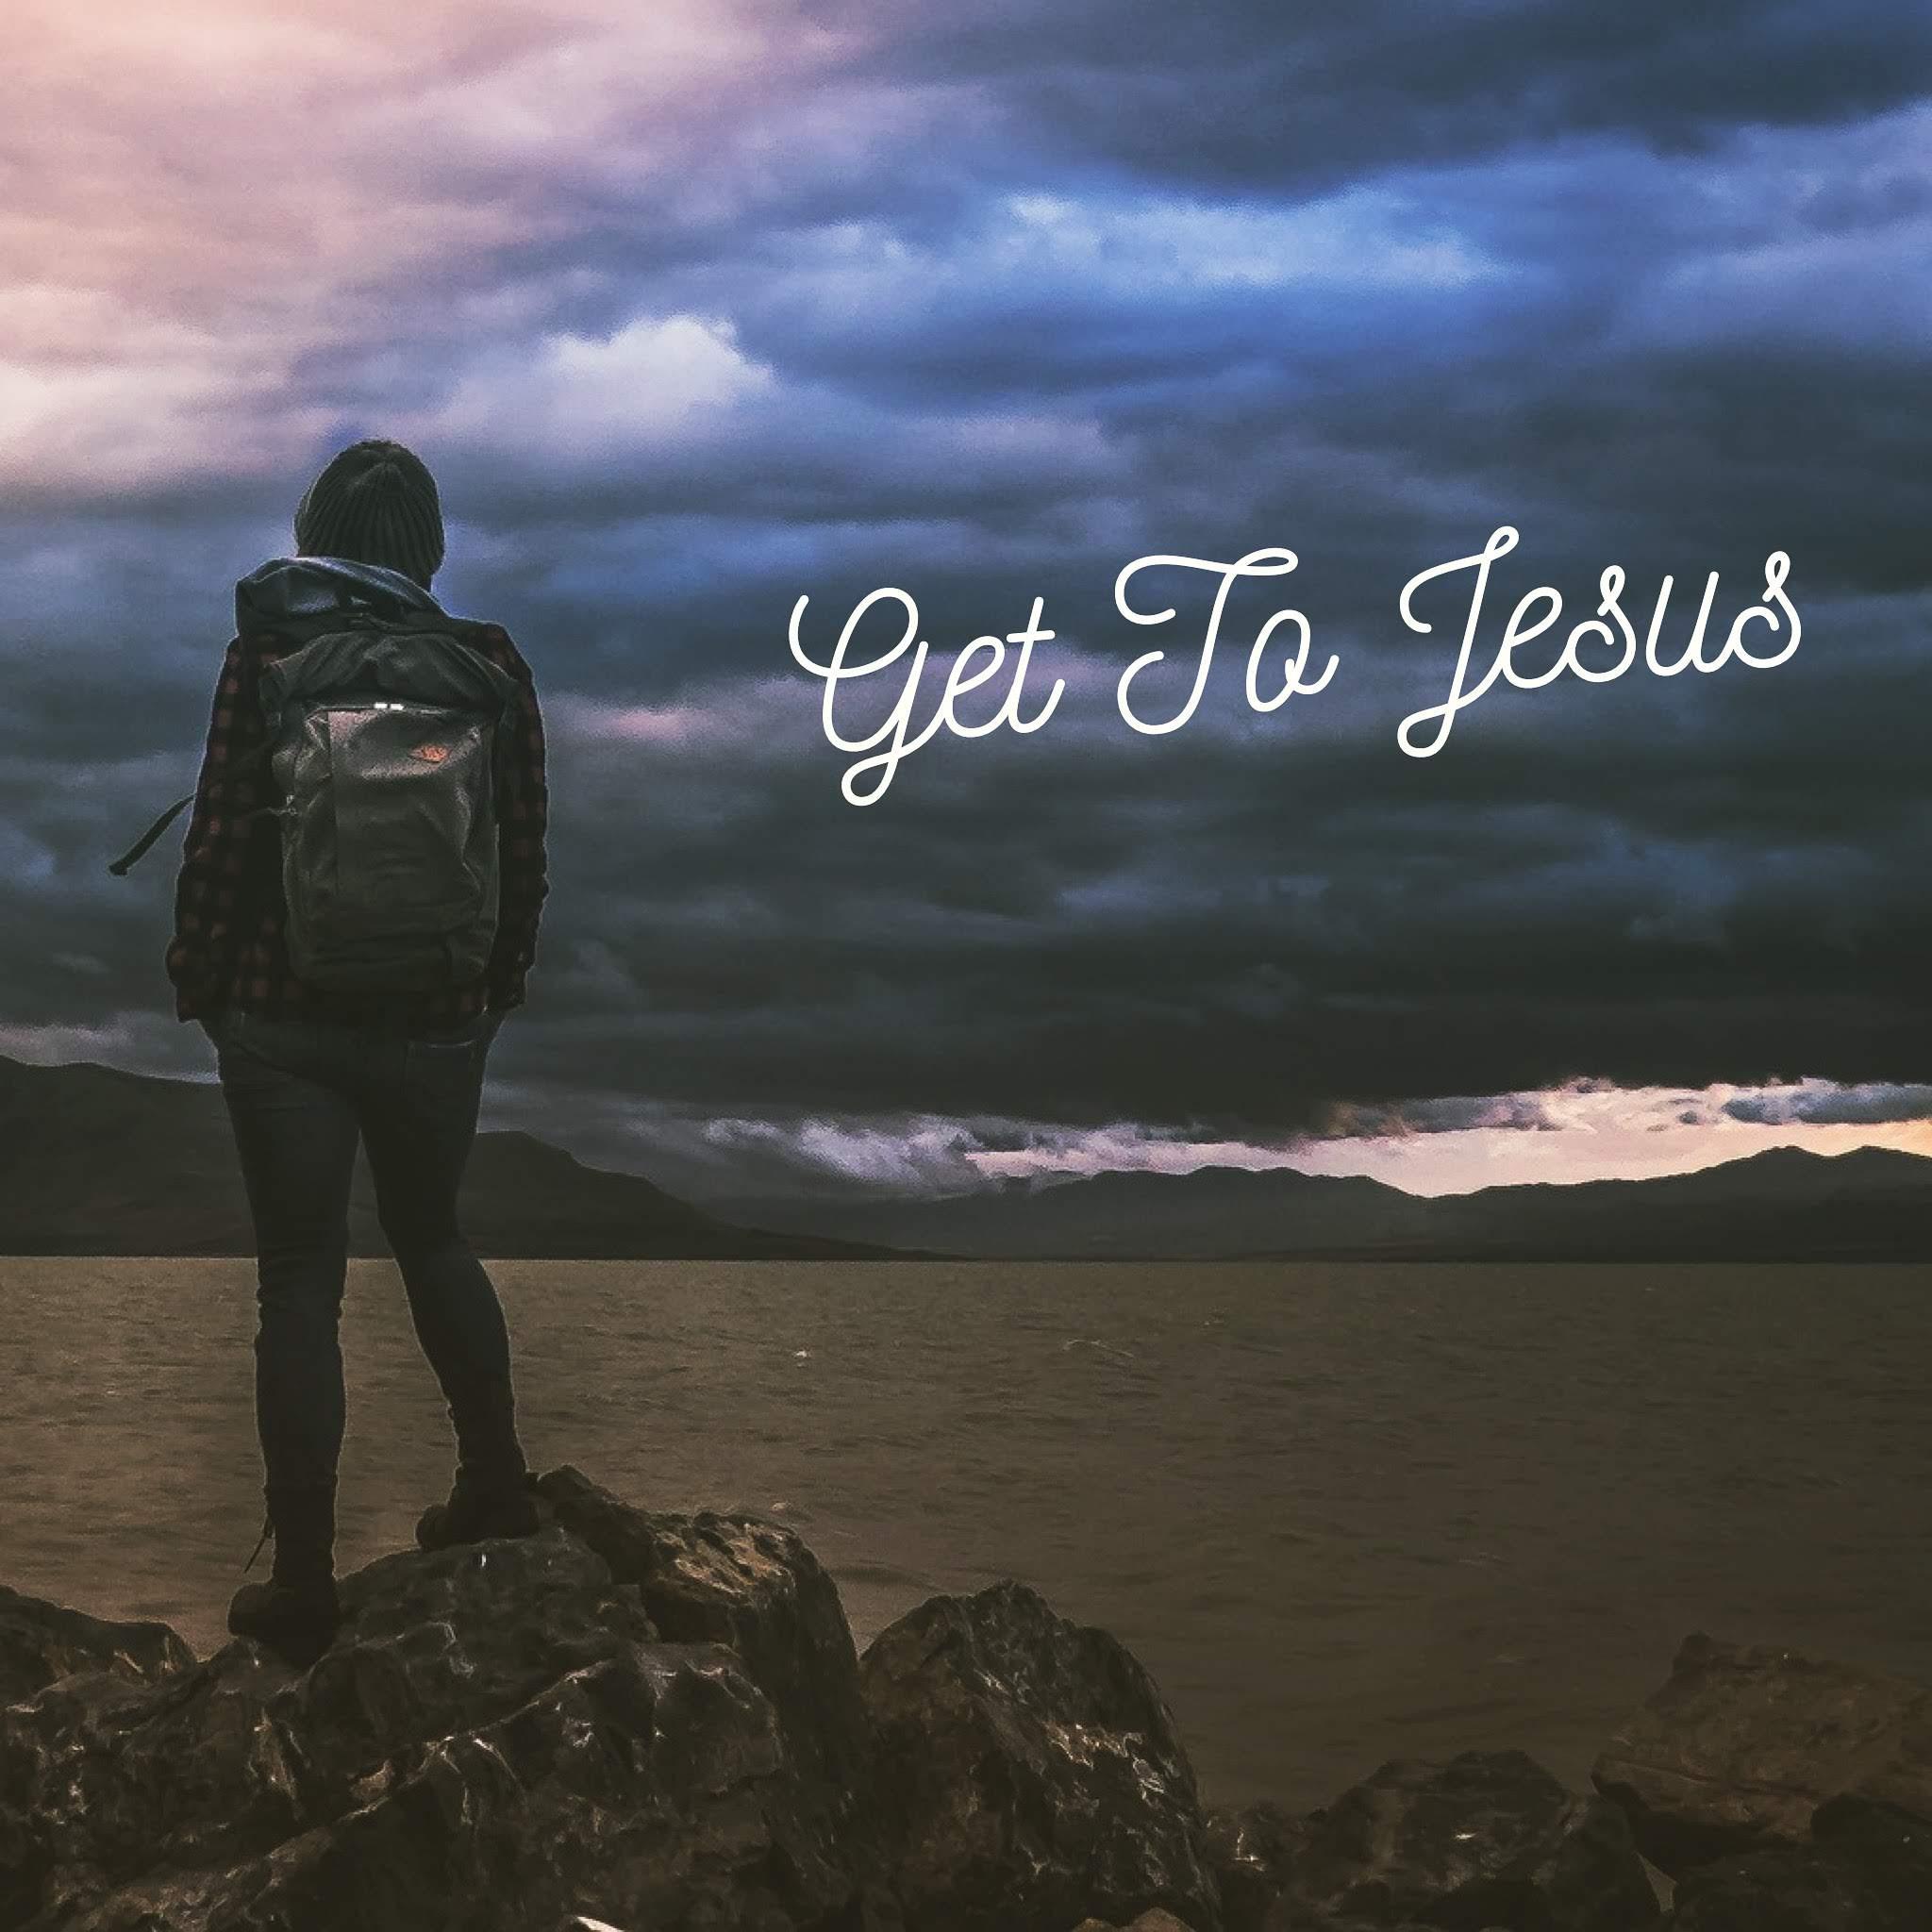 Get to Jesus